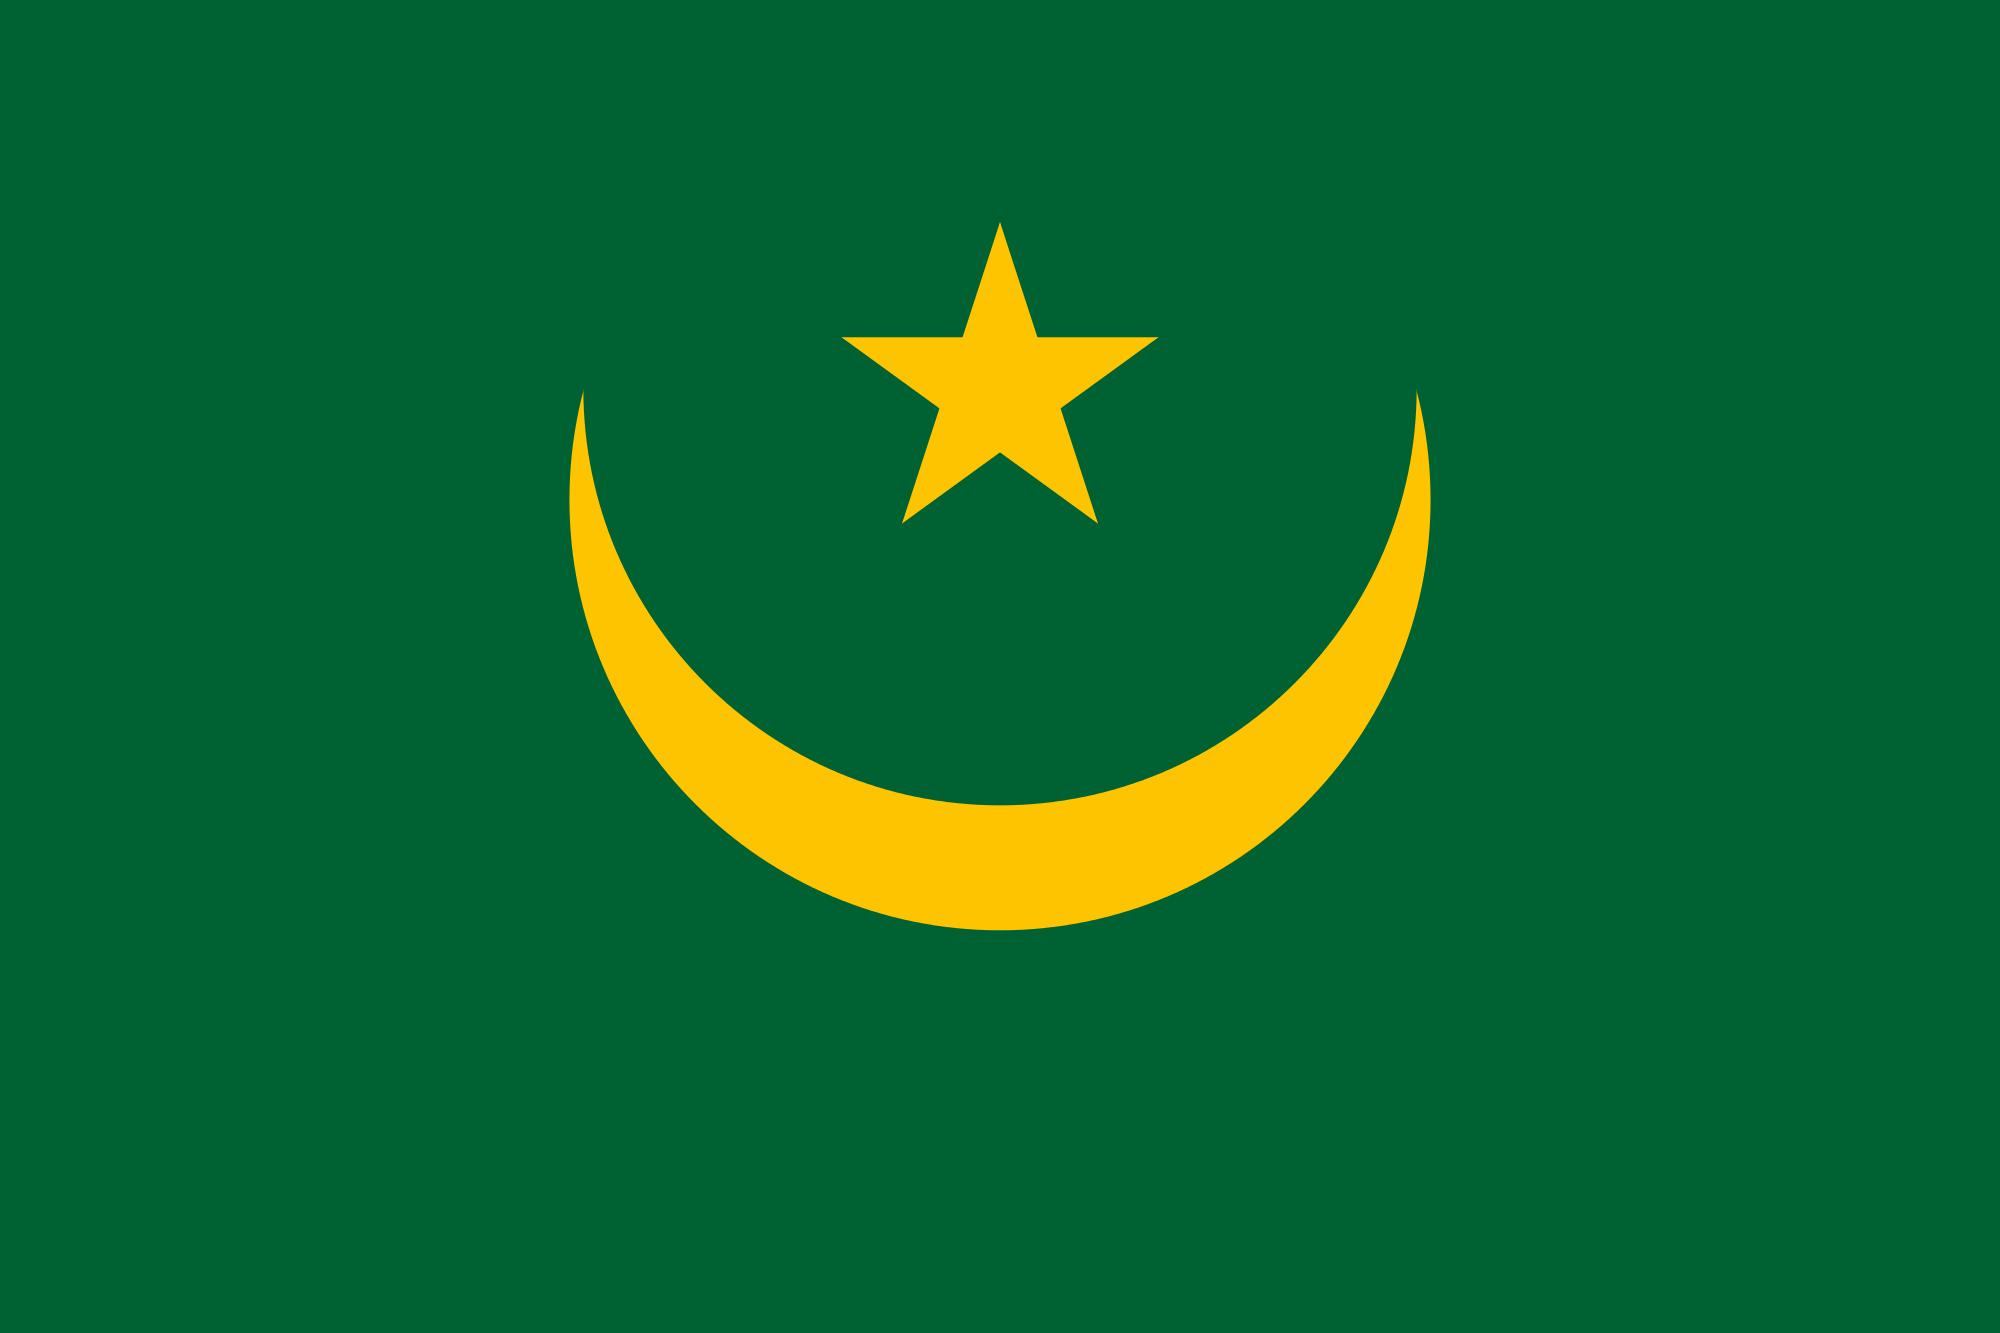 Mauritania Flag colors  meaning  history of Mauritania Flag